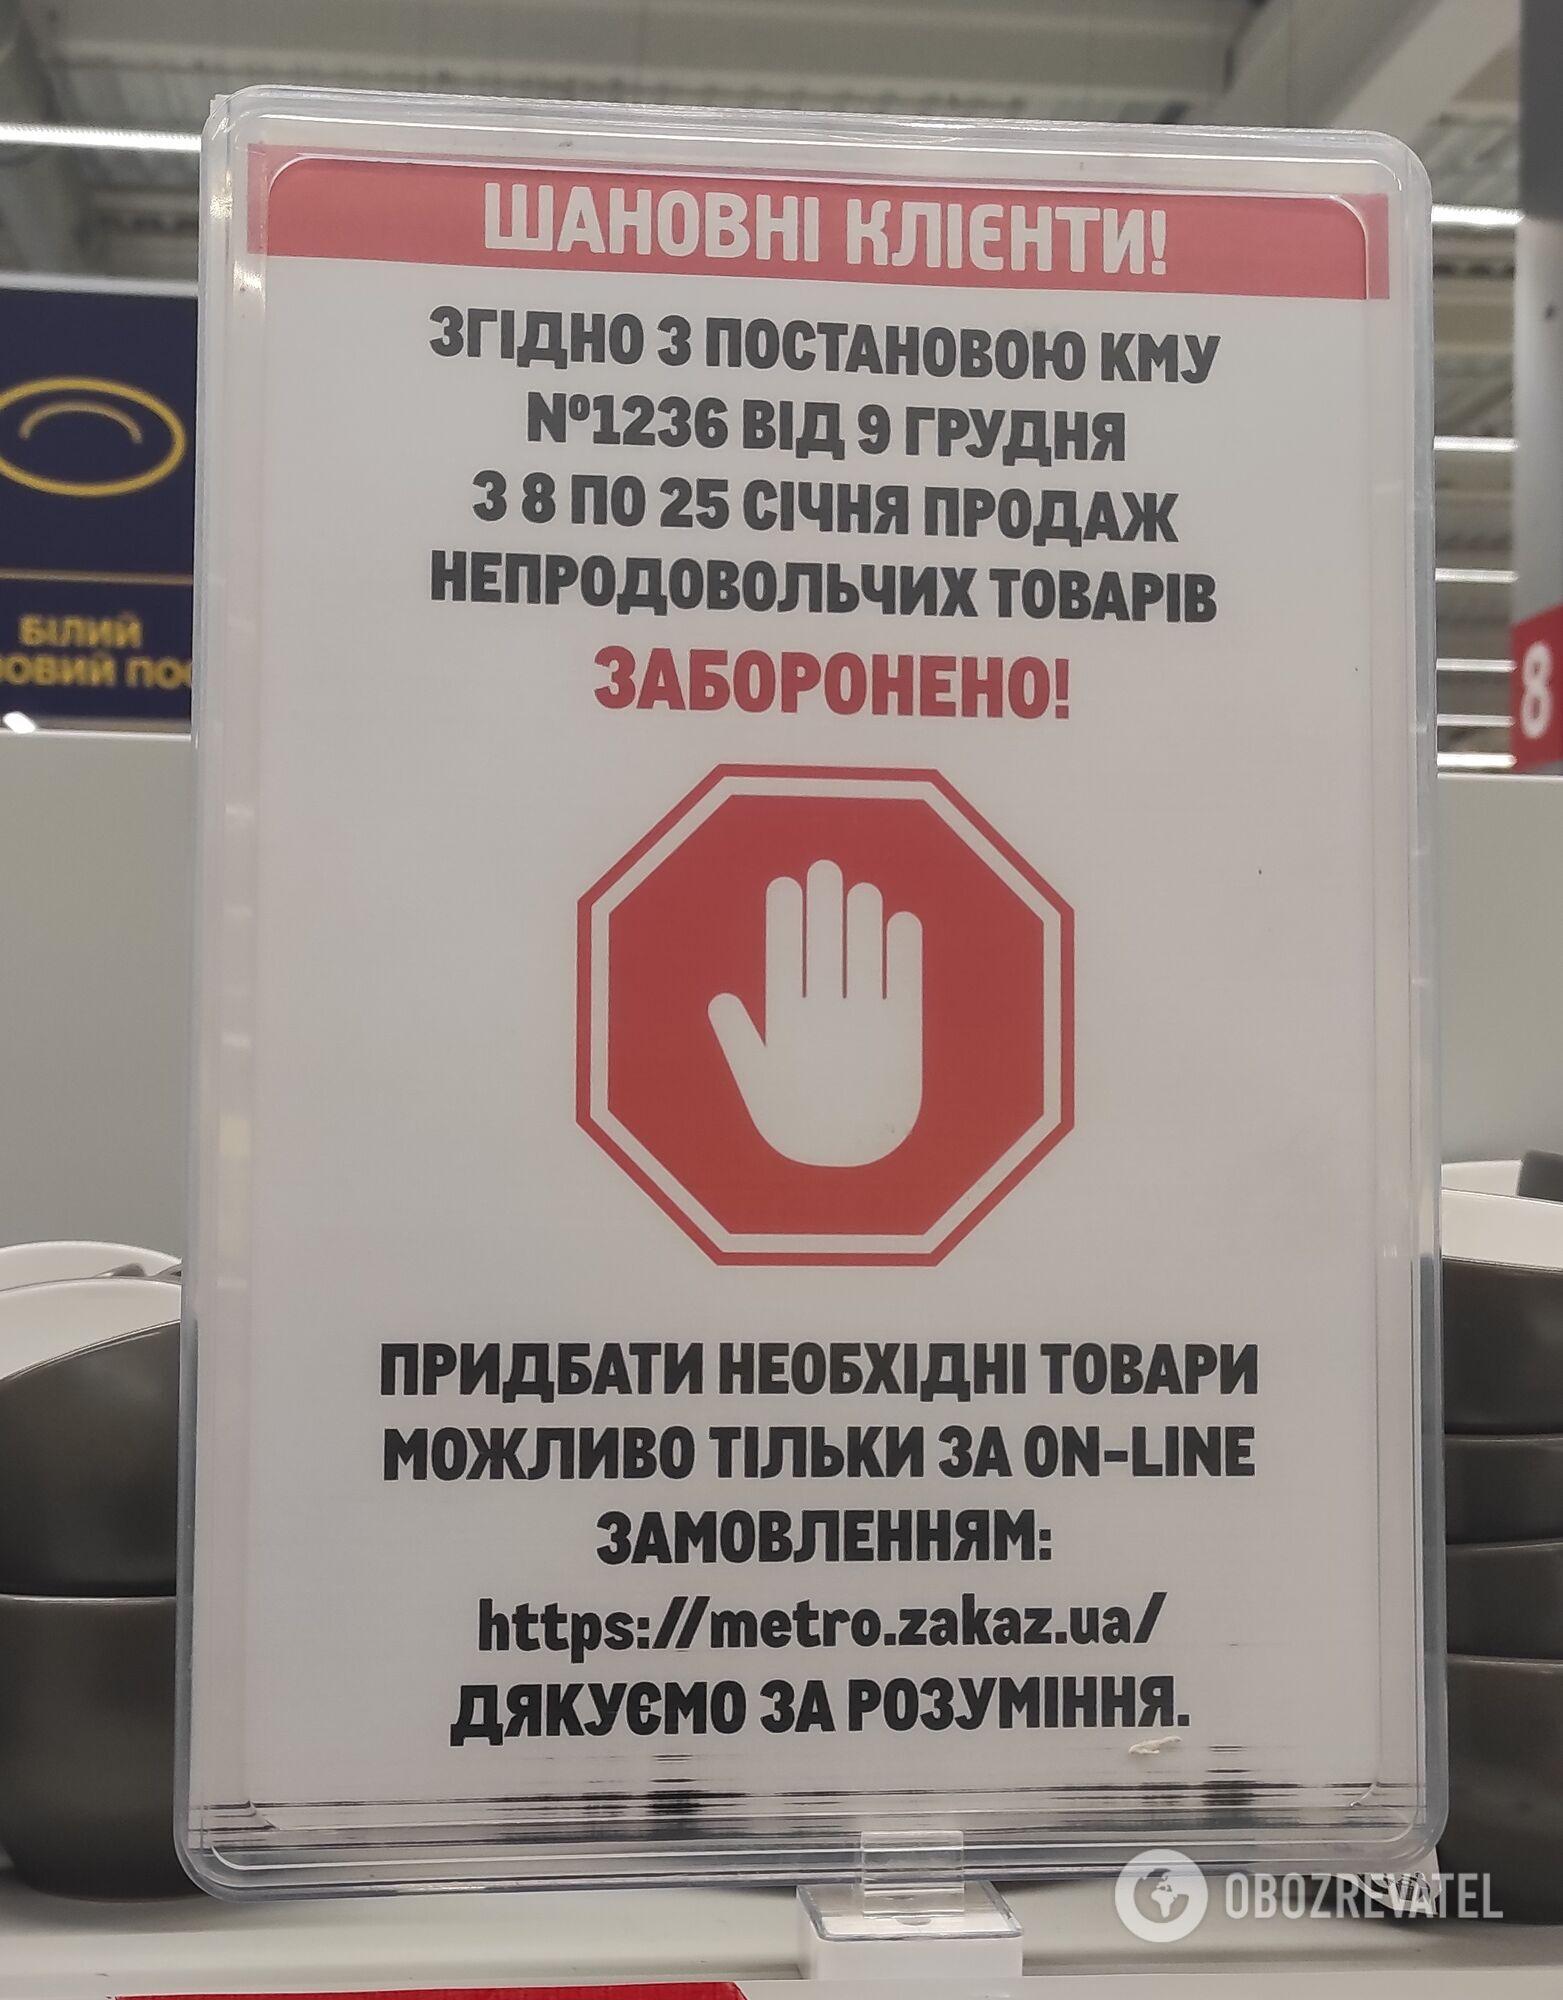 """Metro продает """"запрещенные"""" товары на отдельной точке только после предварительного заказа."""